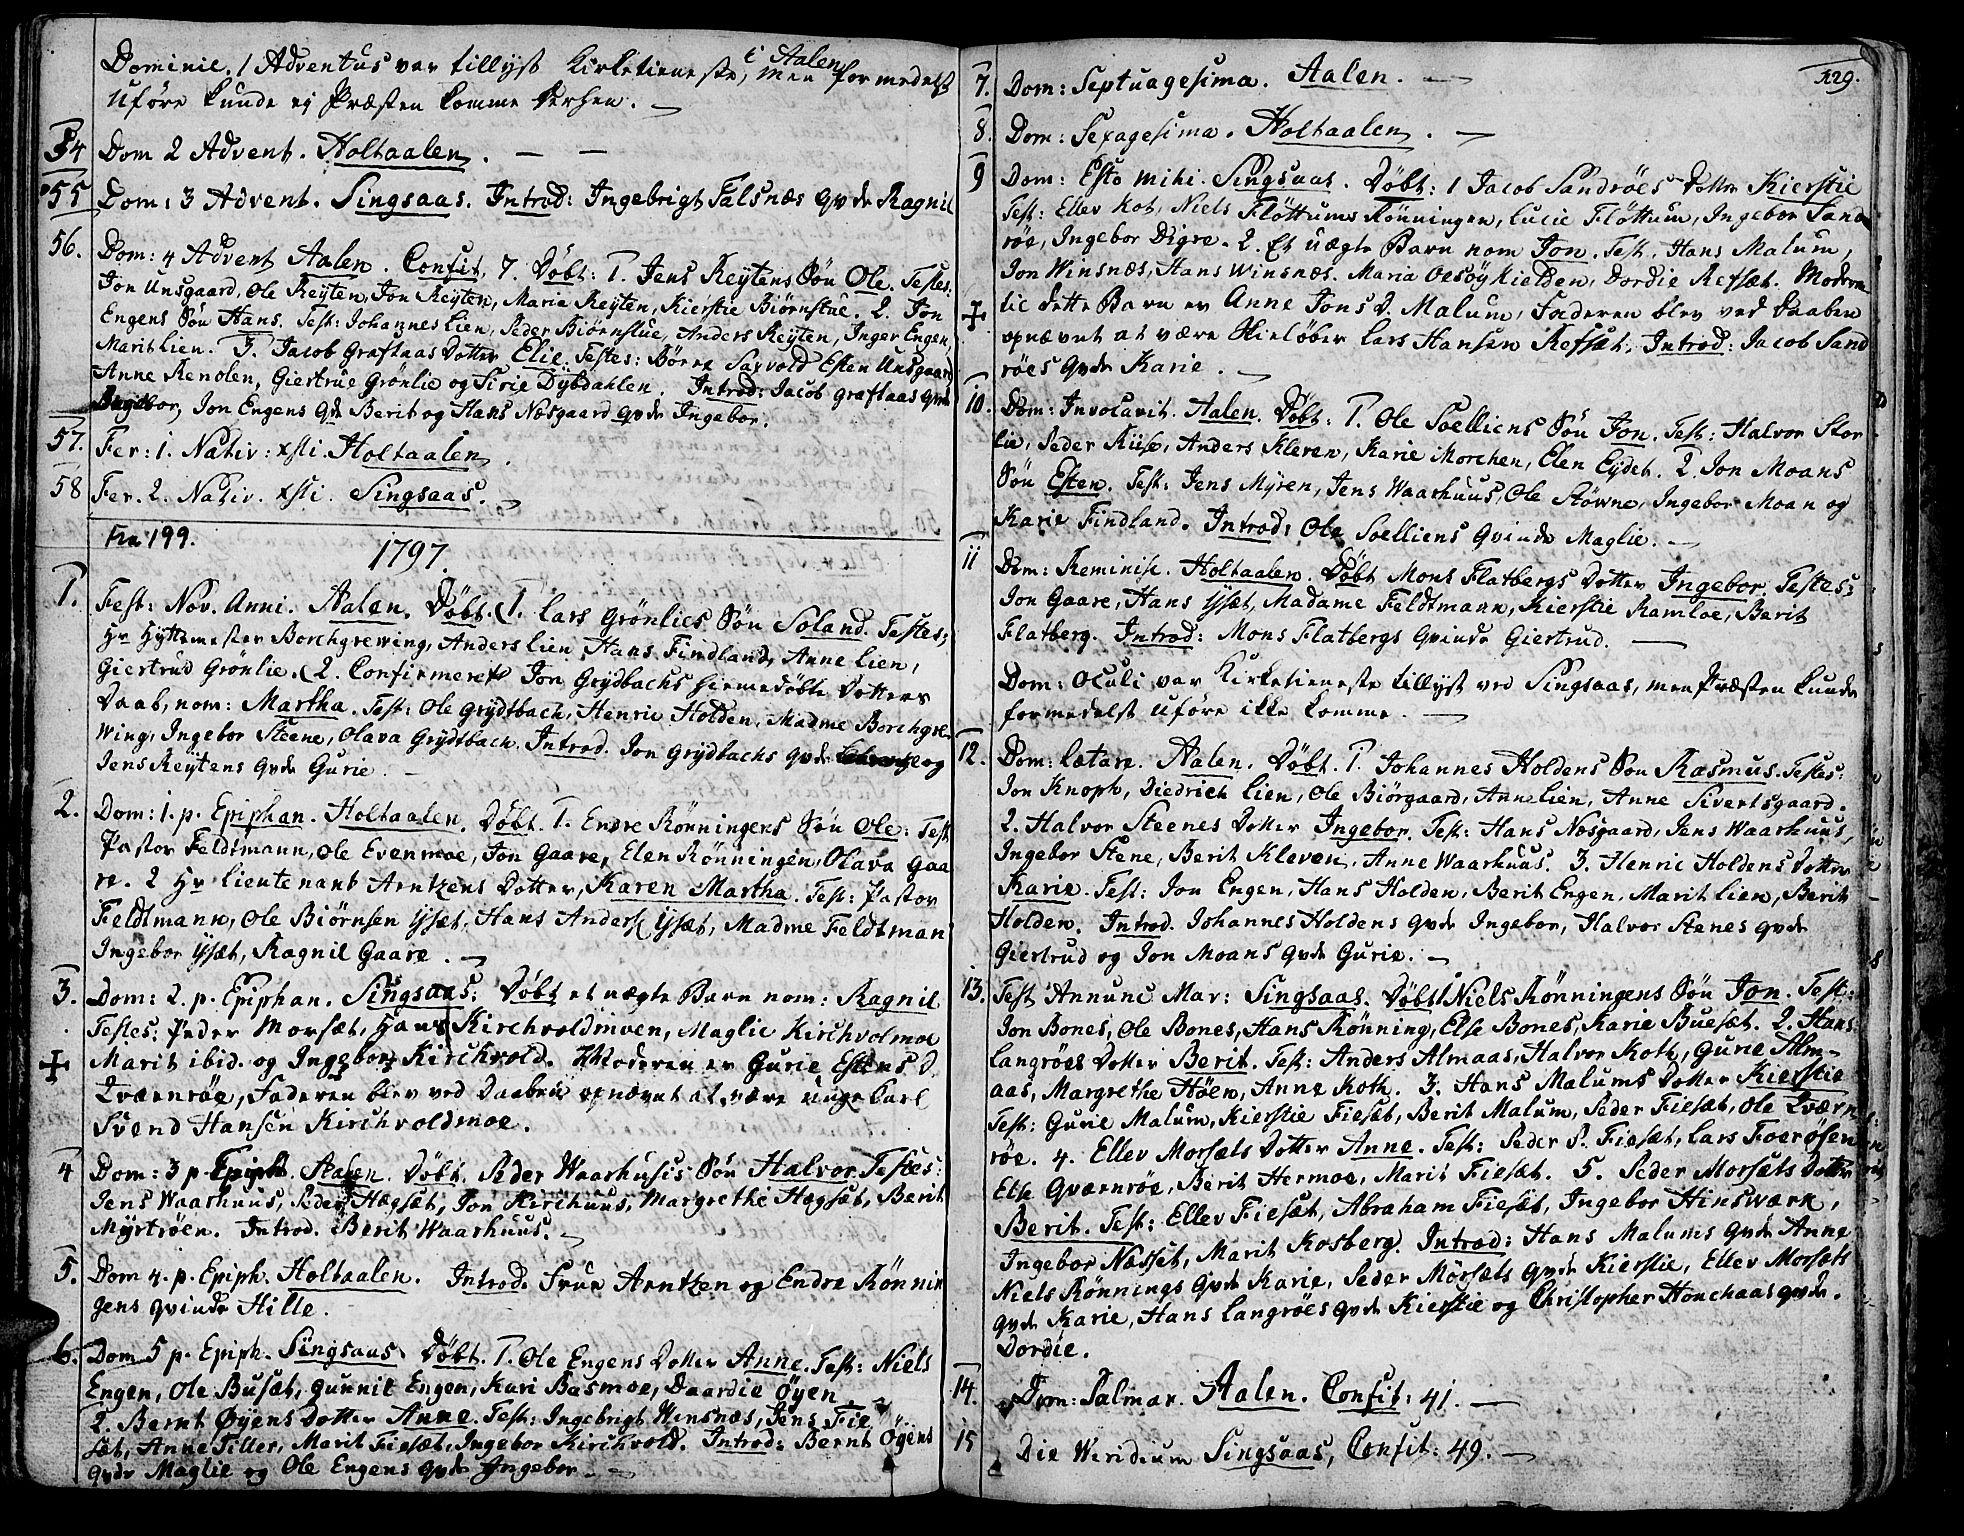 SAT, Ministerialprotokoller, klokkerbøker og fødselsregistre - Sør-Trøndelag, 685/L0952: Ministerialbok nr. 685A01, 1745-1804, s. 129